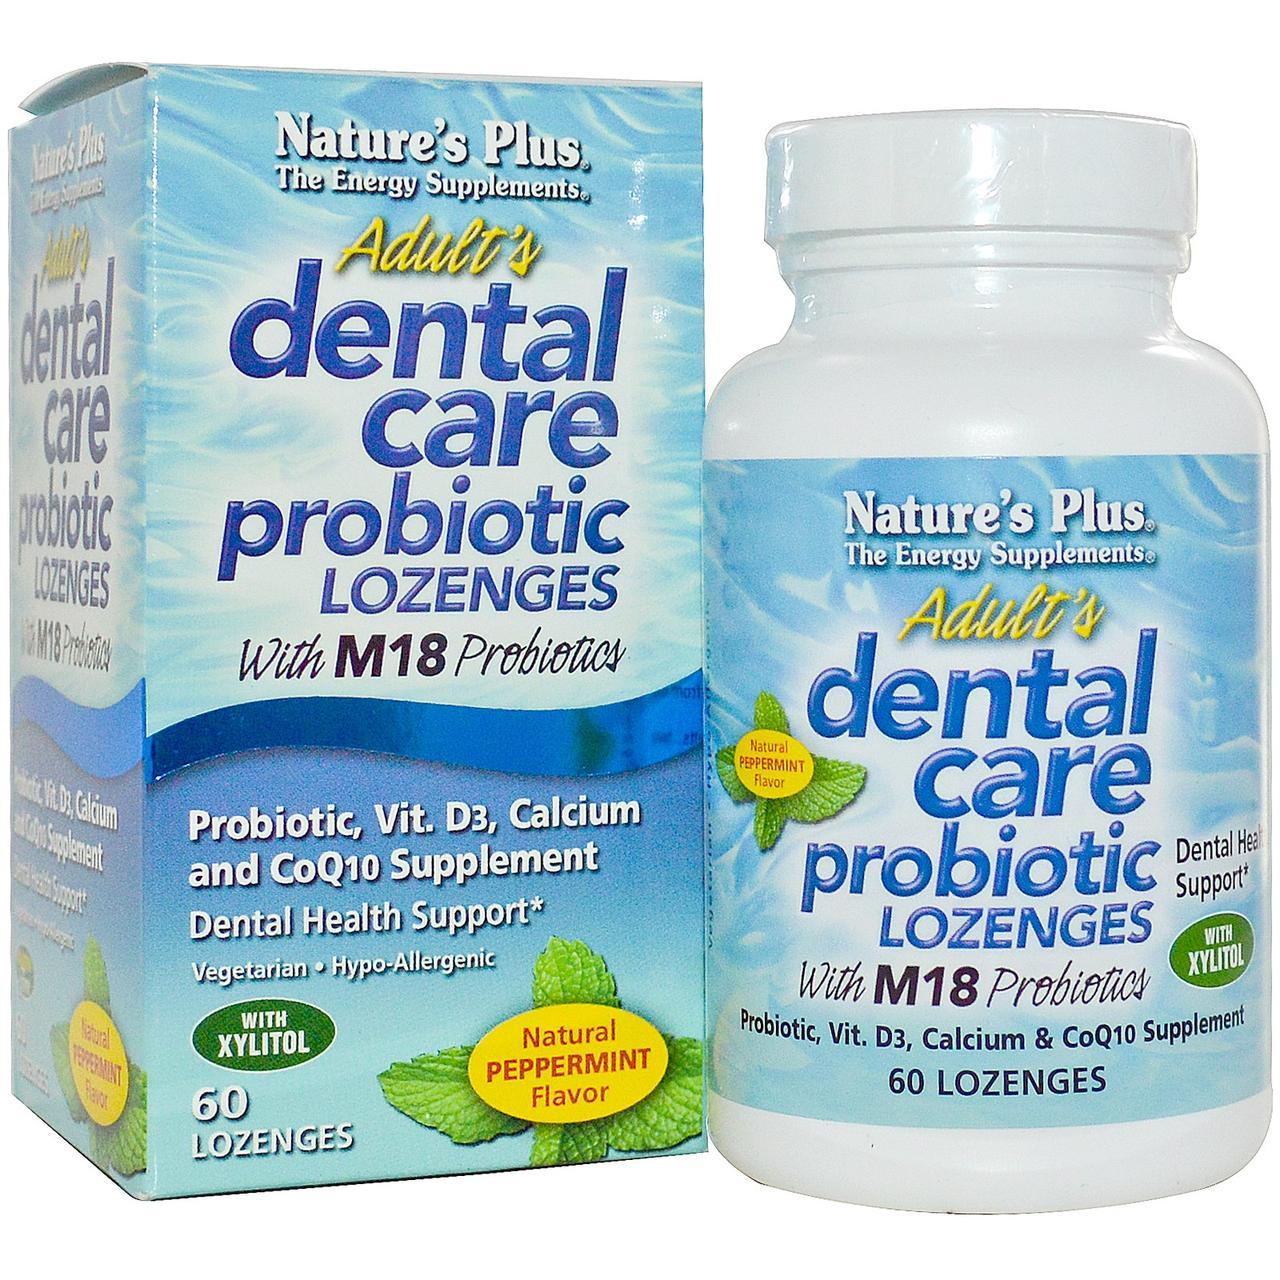 Пробиотик для Здоровья Зубов и Полости Рта для Взрослых, Вкус Мяты, Natures Plus, 60 таблеток для рассасывания